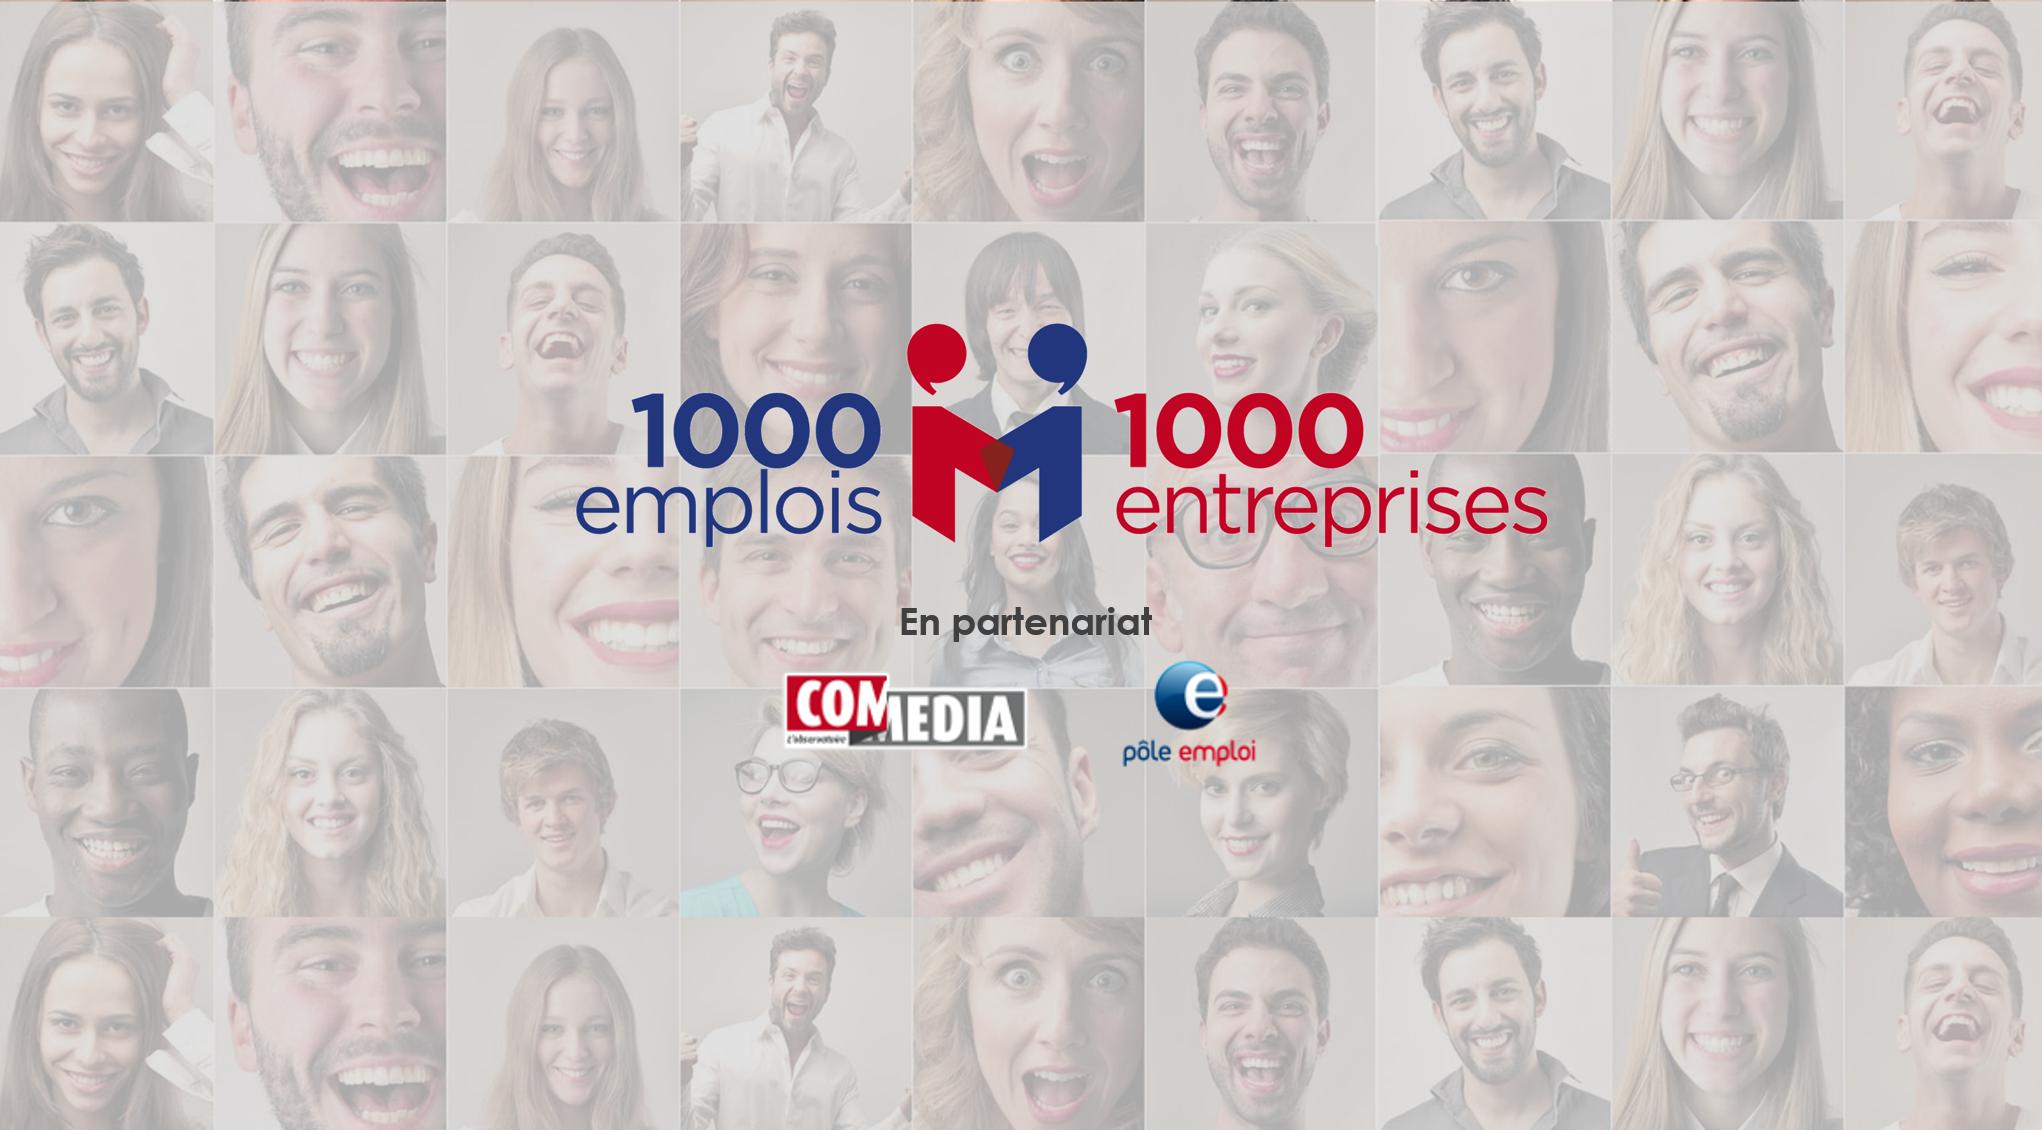 1000 emplos 1000 entreprises